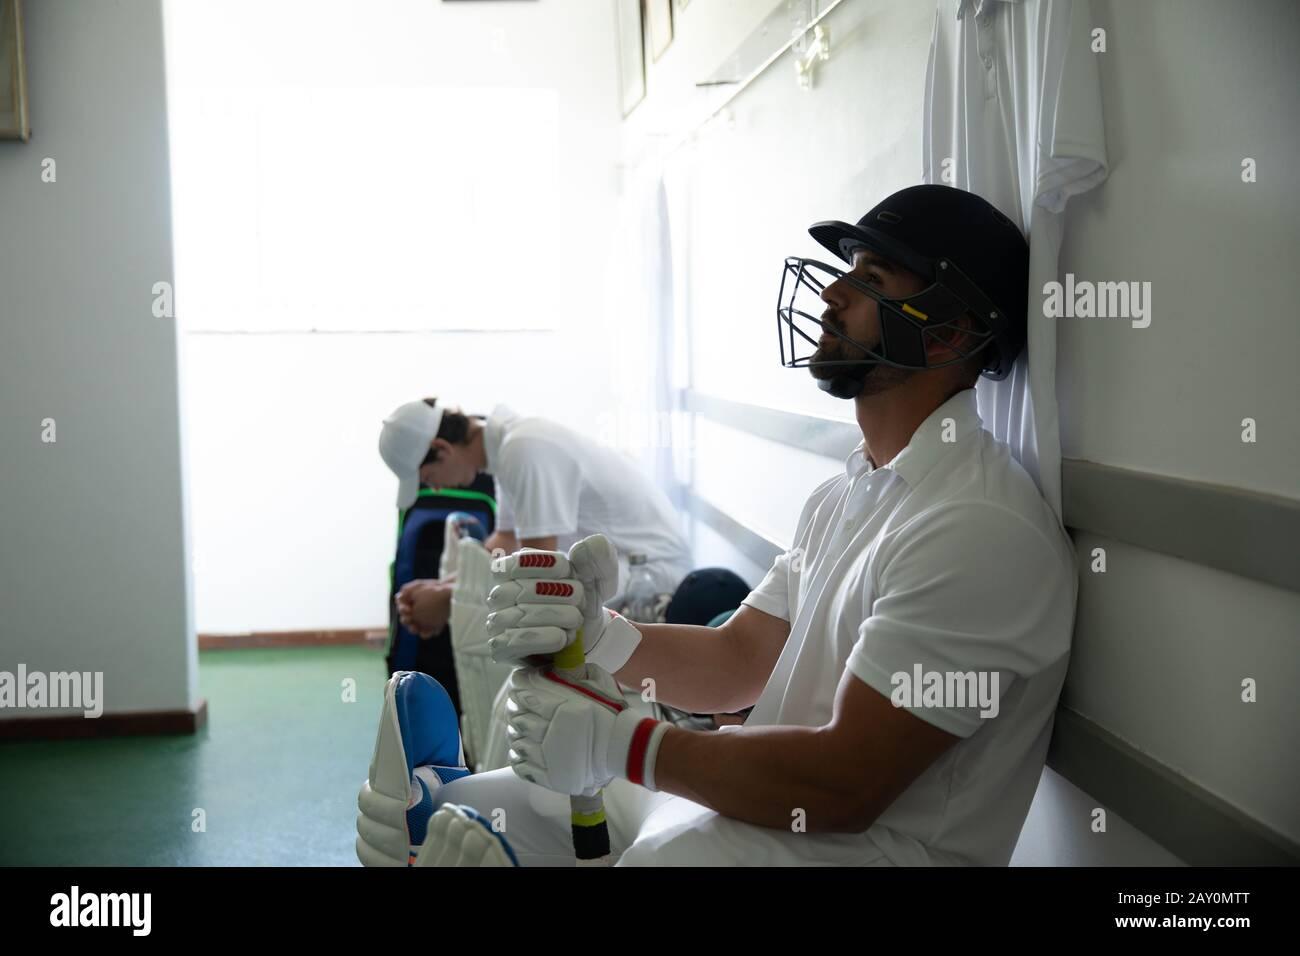 Giocatore di Cricket in attesa prima di giocare Foto Stock